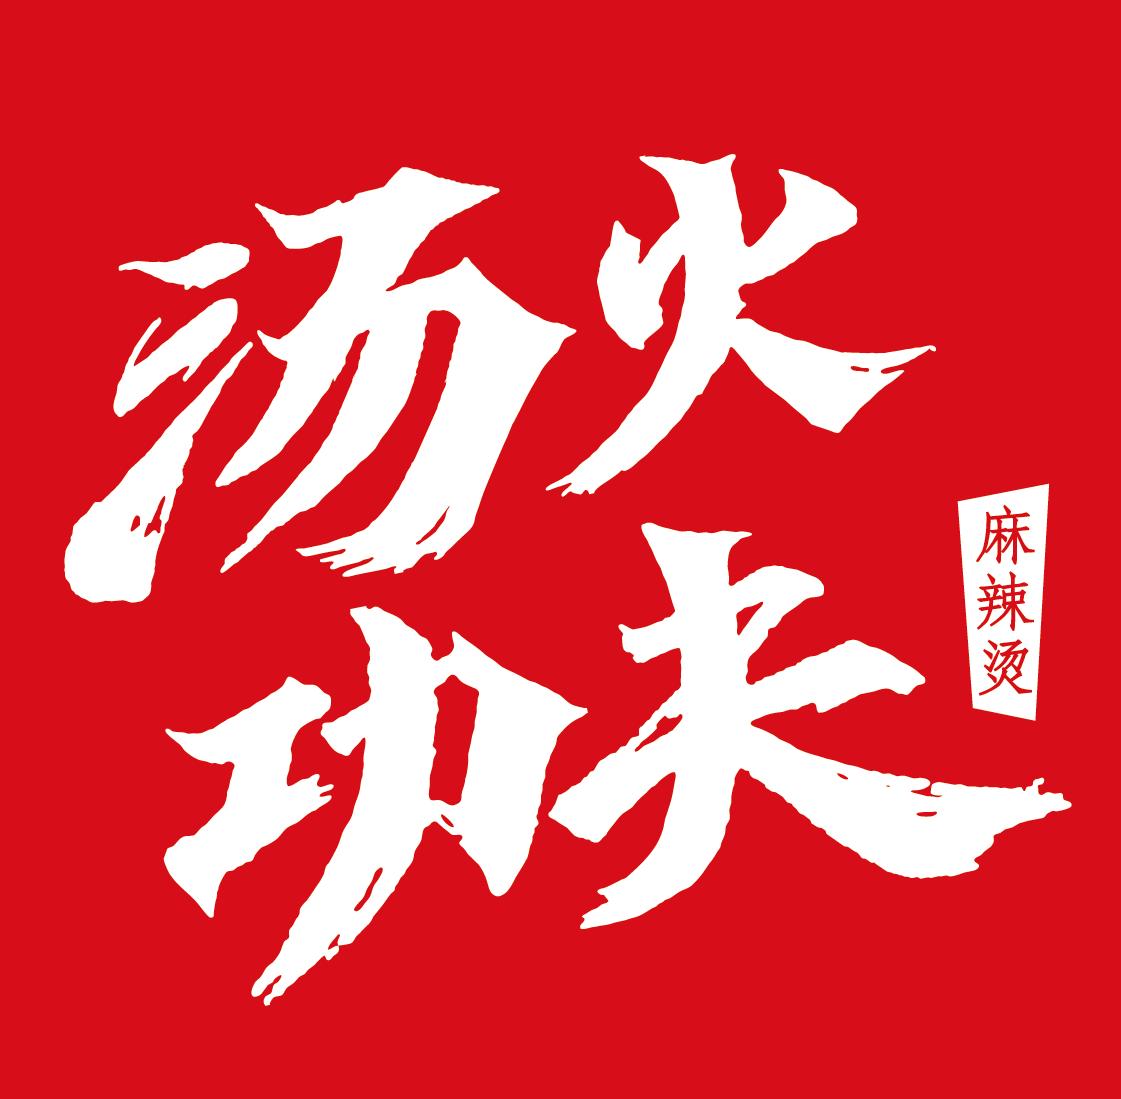 湯火功夫麻辣燙官網